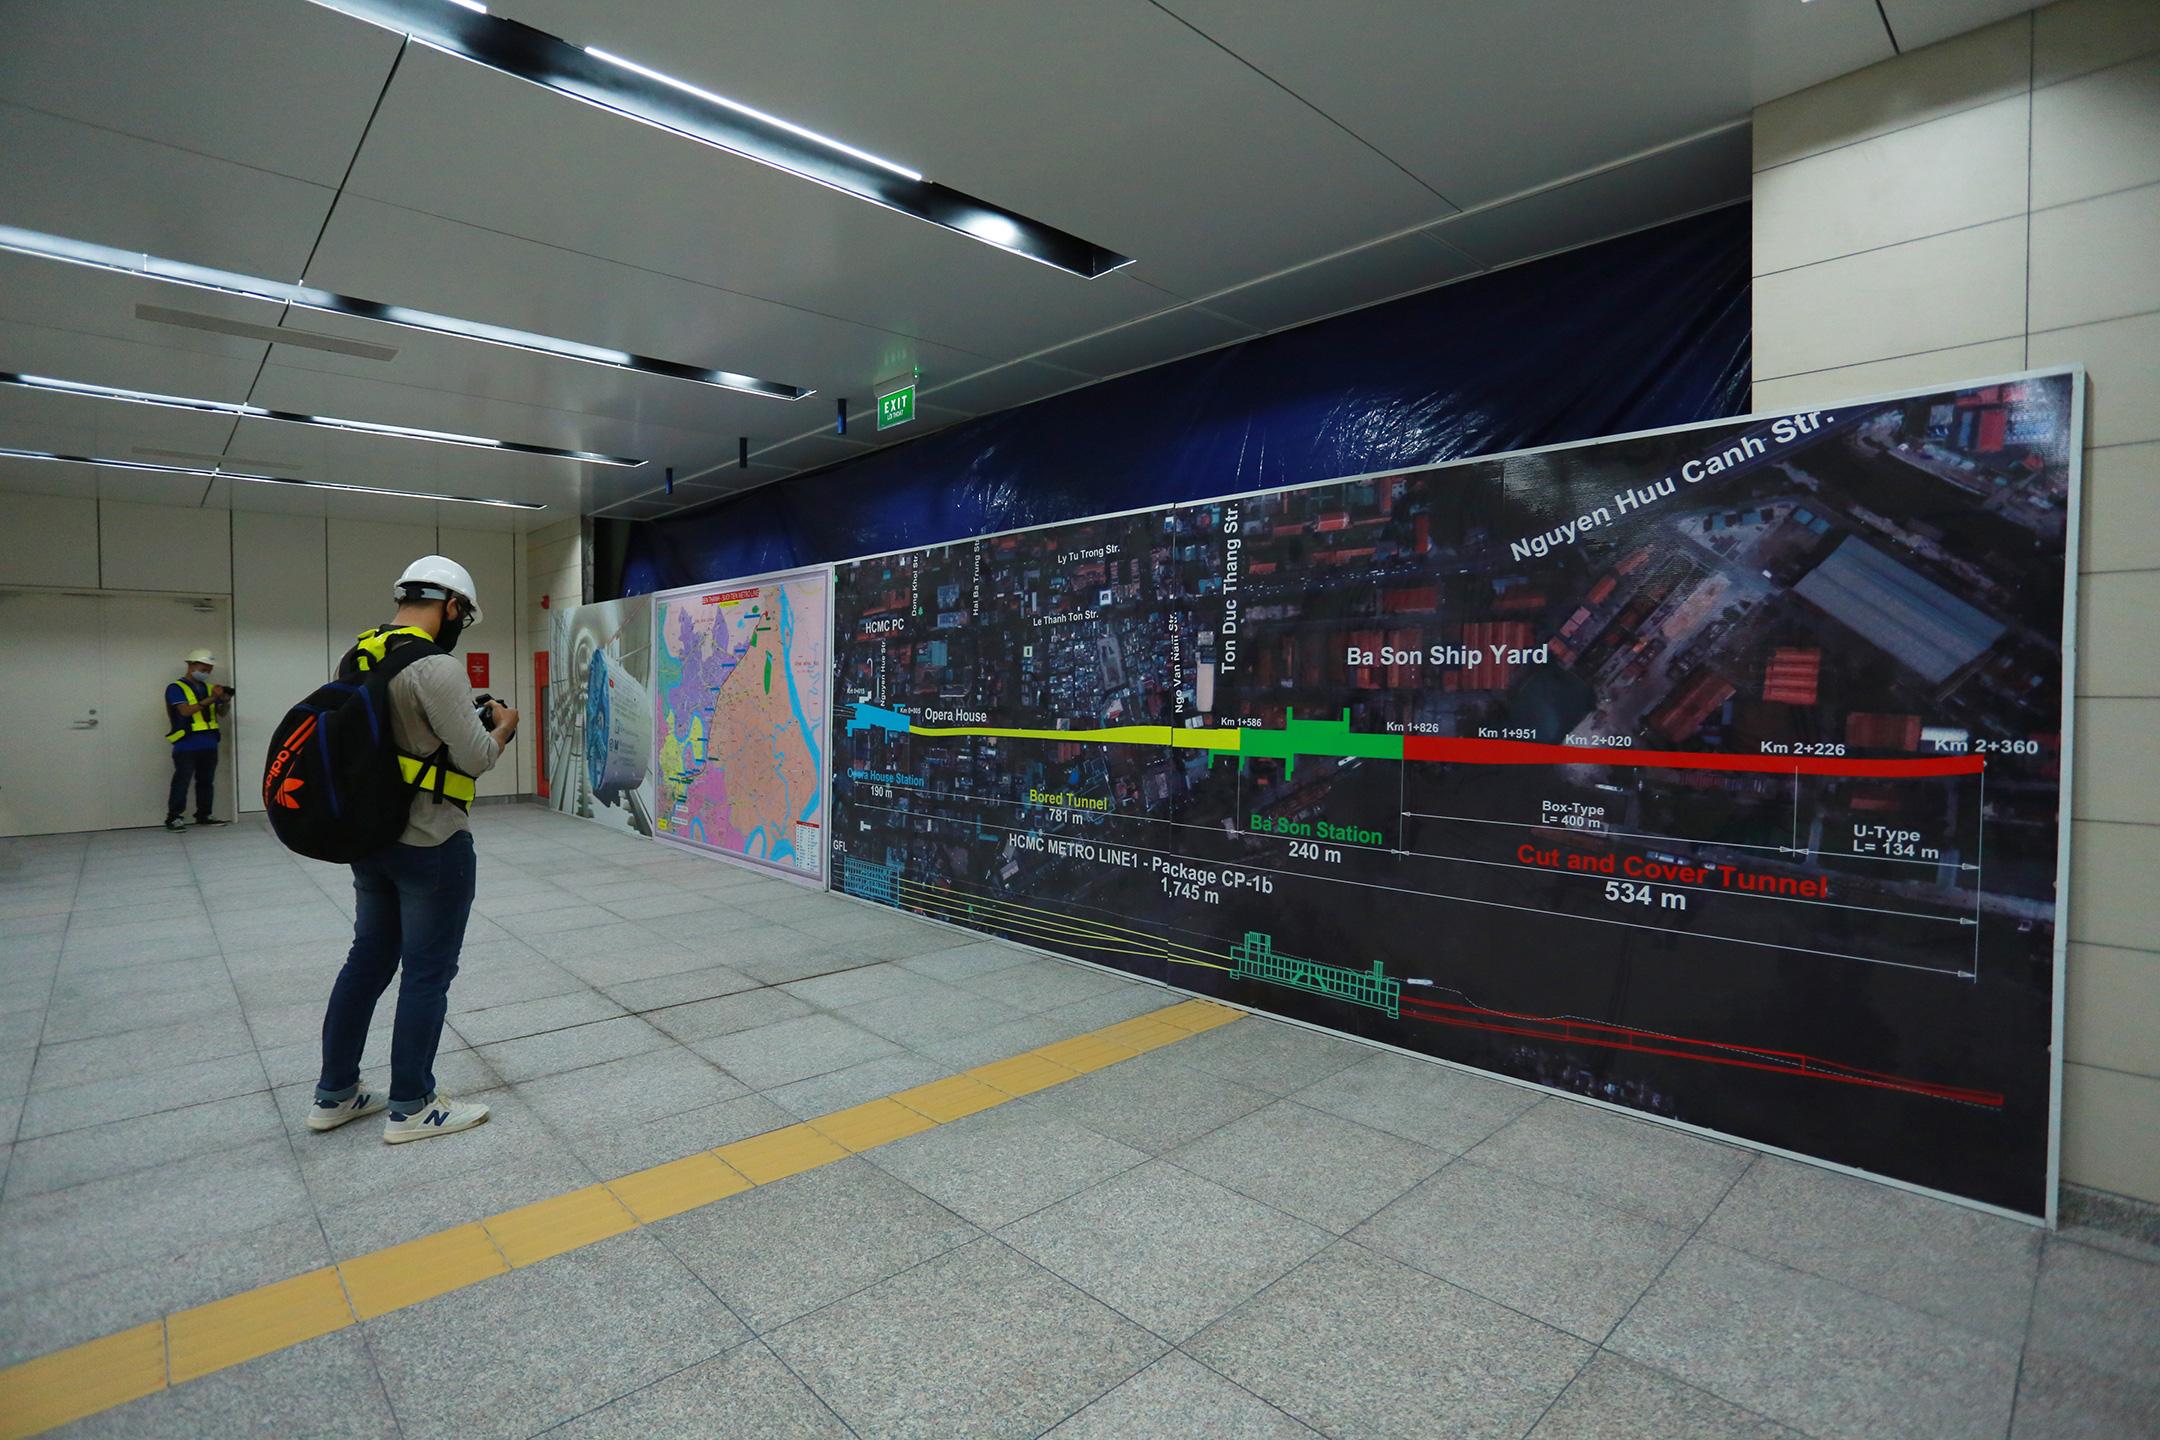 Ga ngầm 4 tầng đầu tiên của Metro TP.HCM sắp hoàn thiện, nằm sát bên Nhà hát thành phố - Ảnh 16.